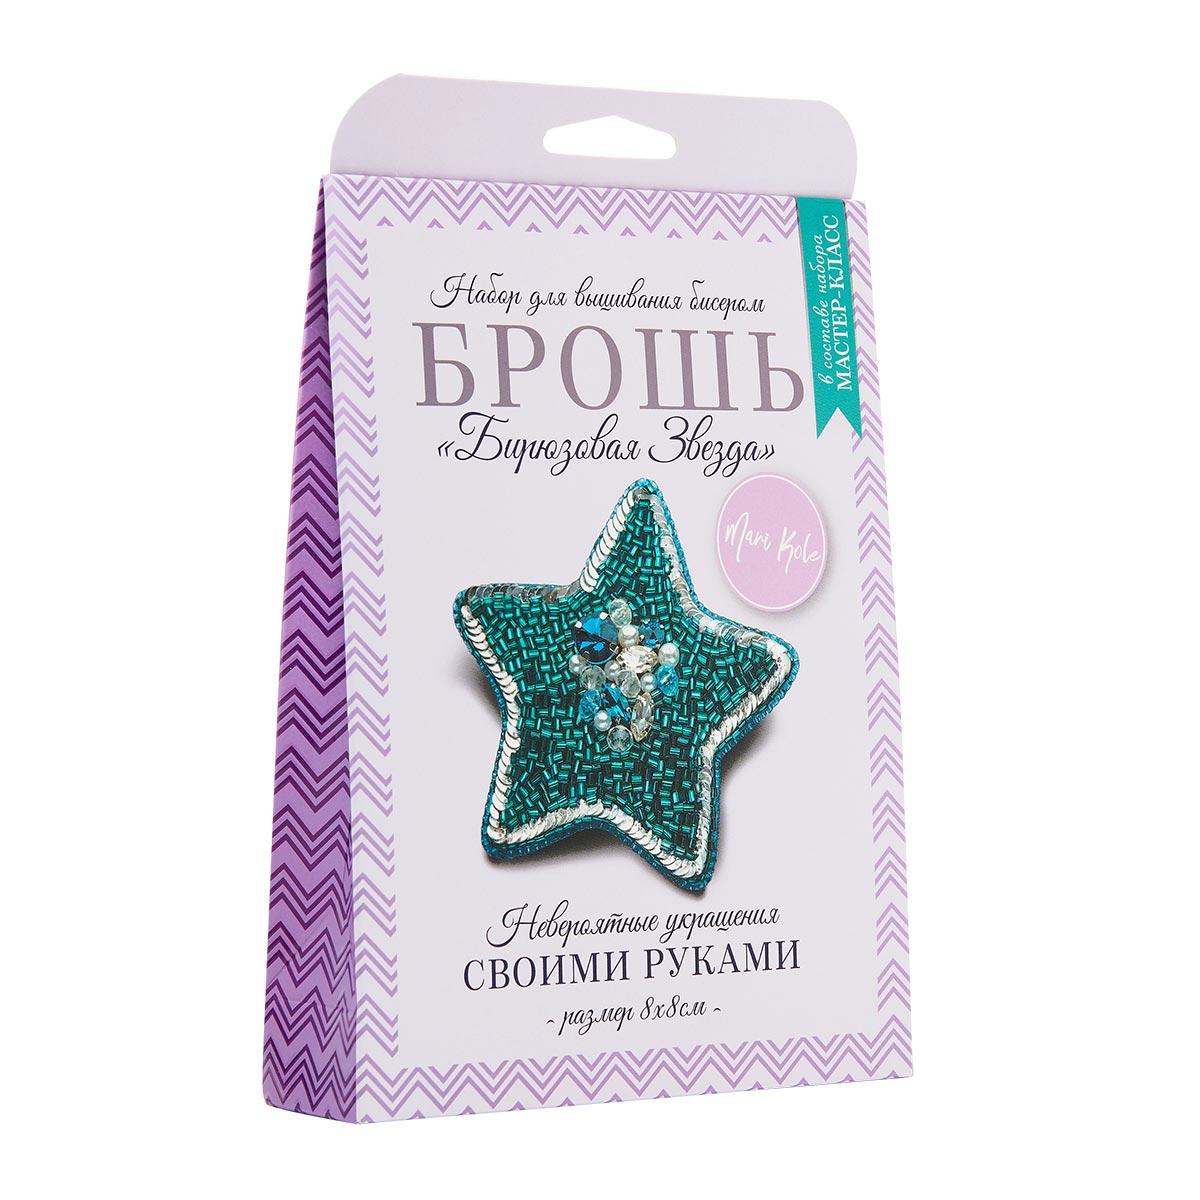 НБР-18002/1 Набор для вышивания бисером: Брошь «Бирюзовая звезда».